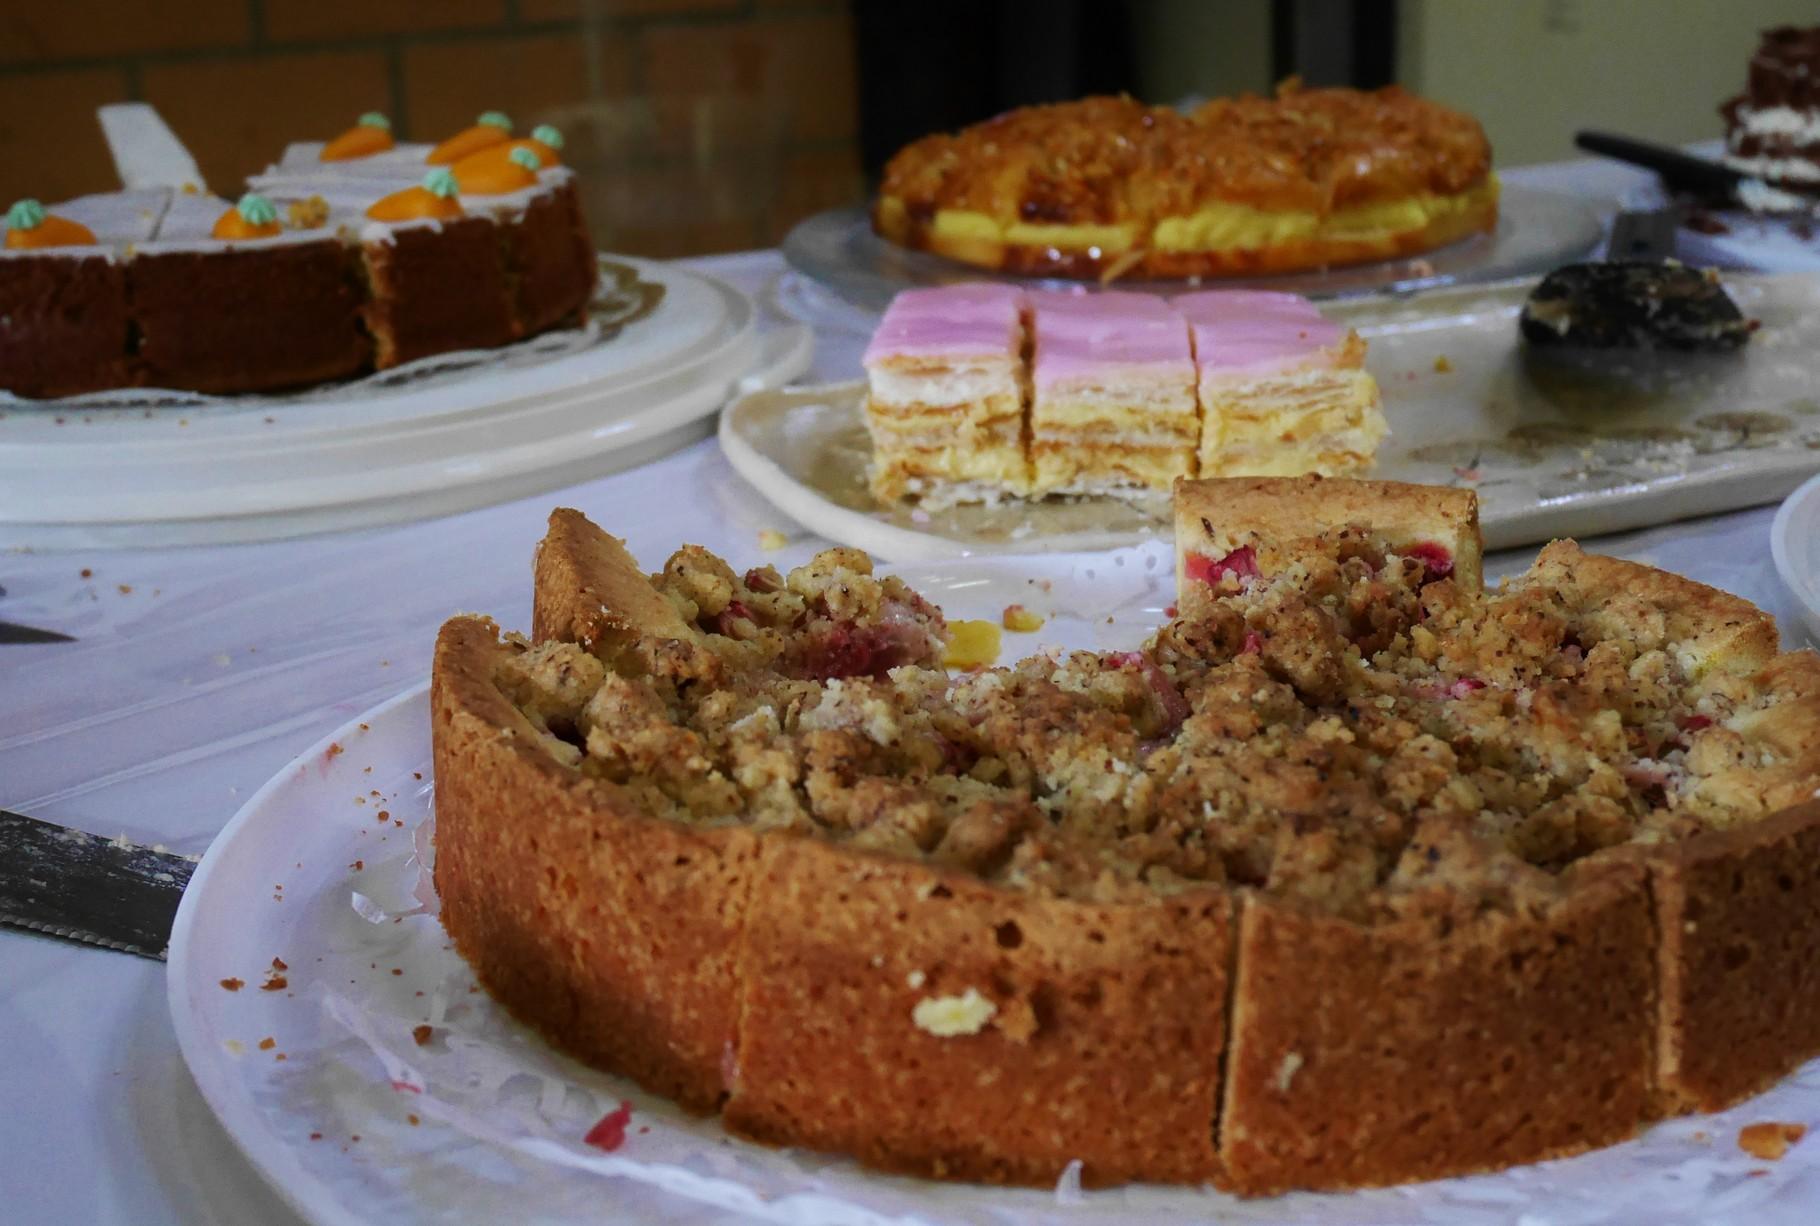 Die feinen Kuchen der Landfrauen fanden Anklang